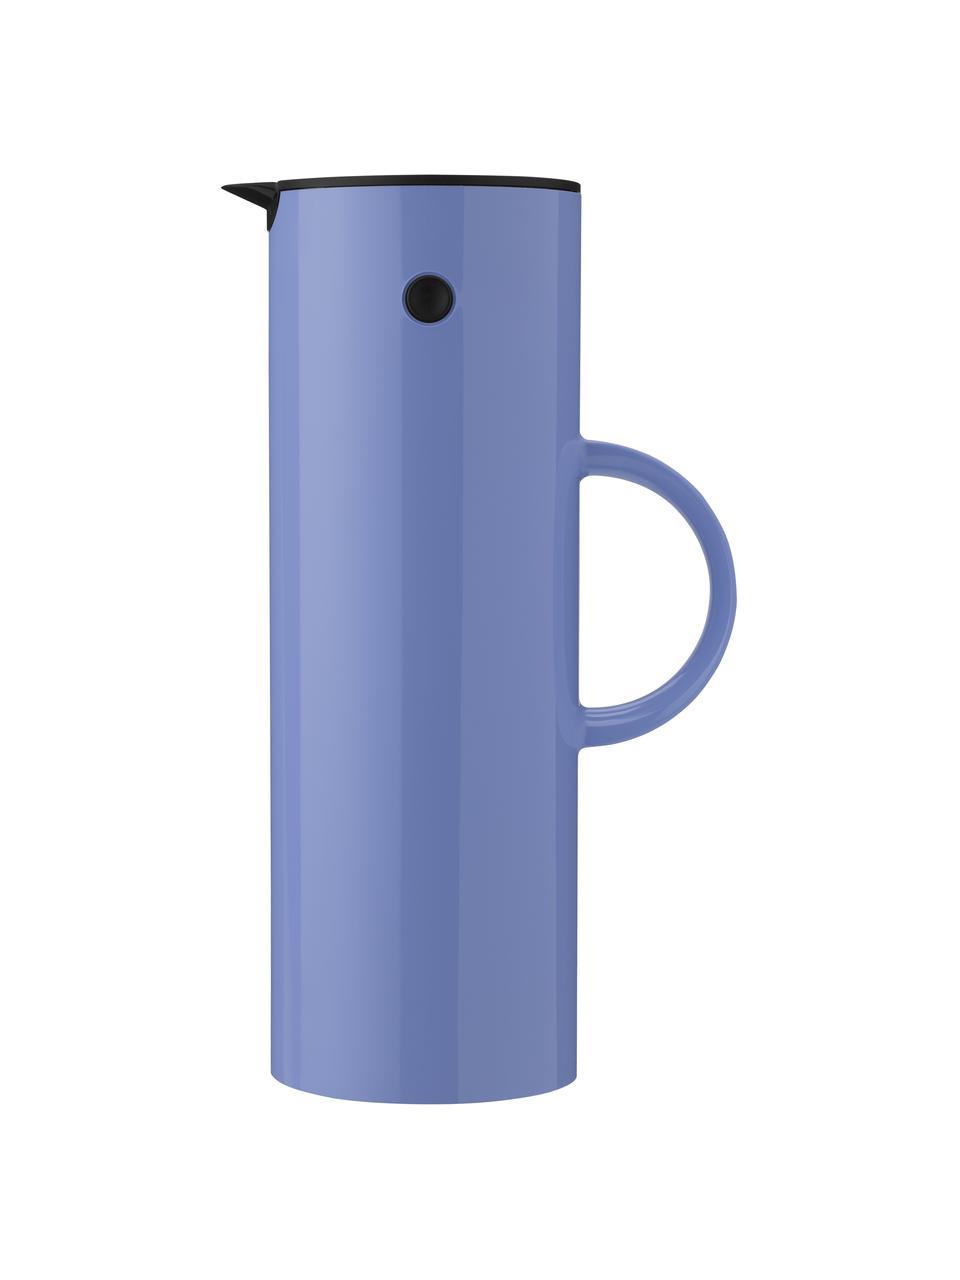 Isolierkanne EM77 in Blau glänzend, 1 L, ABS-Kunststoff mit Glaseinsatz, Blau, Ø 11 x H 30 cm